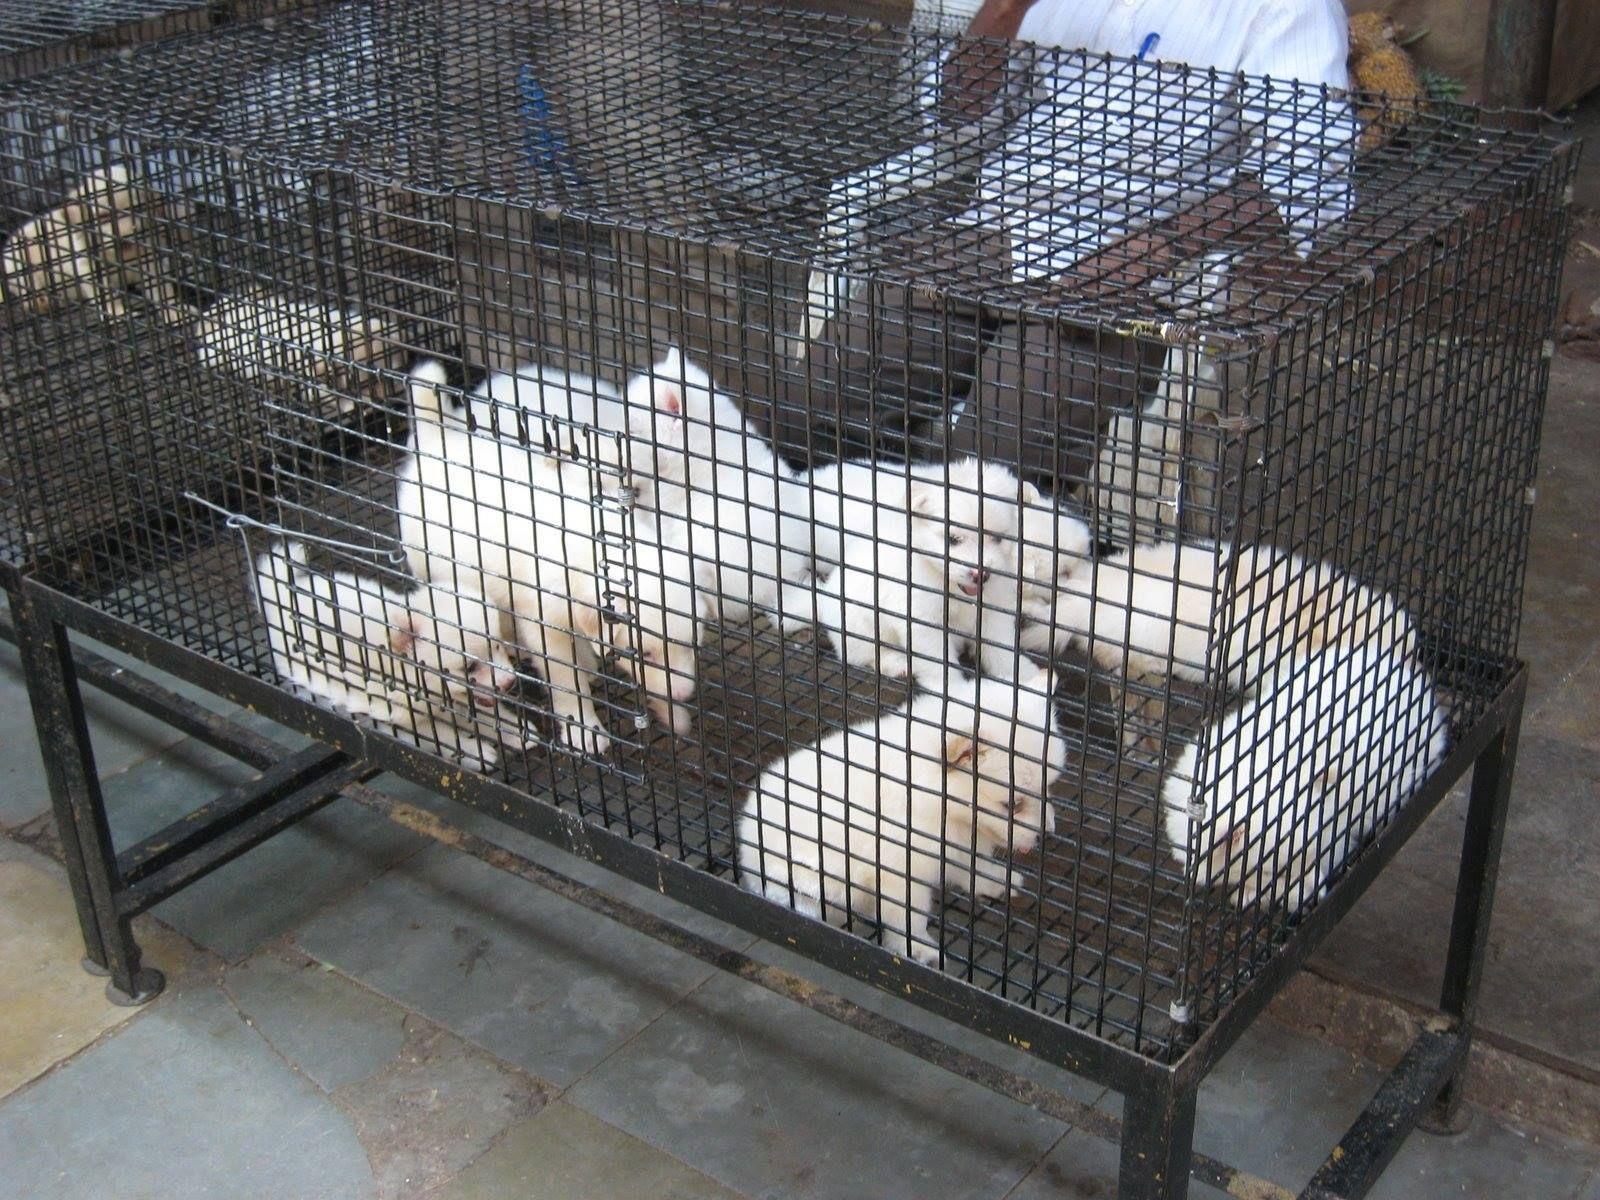 Puppy Mills 101 Puppy Mills Puppies Pet Store